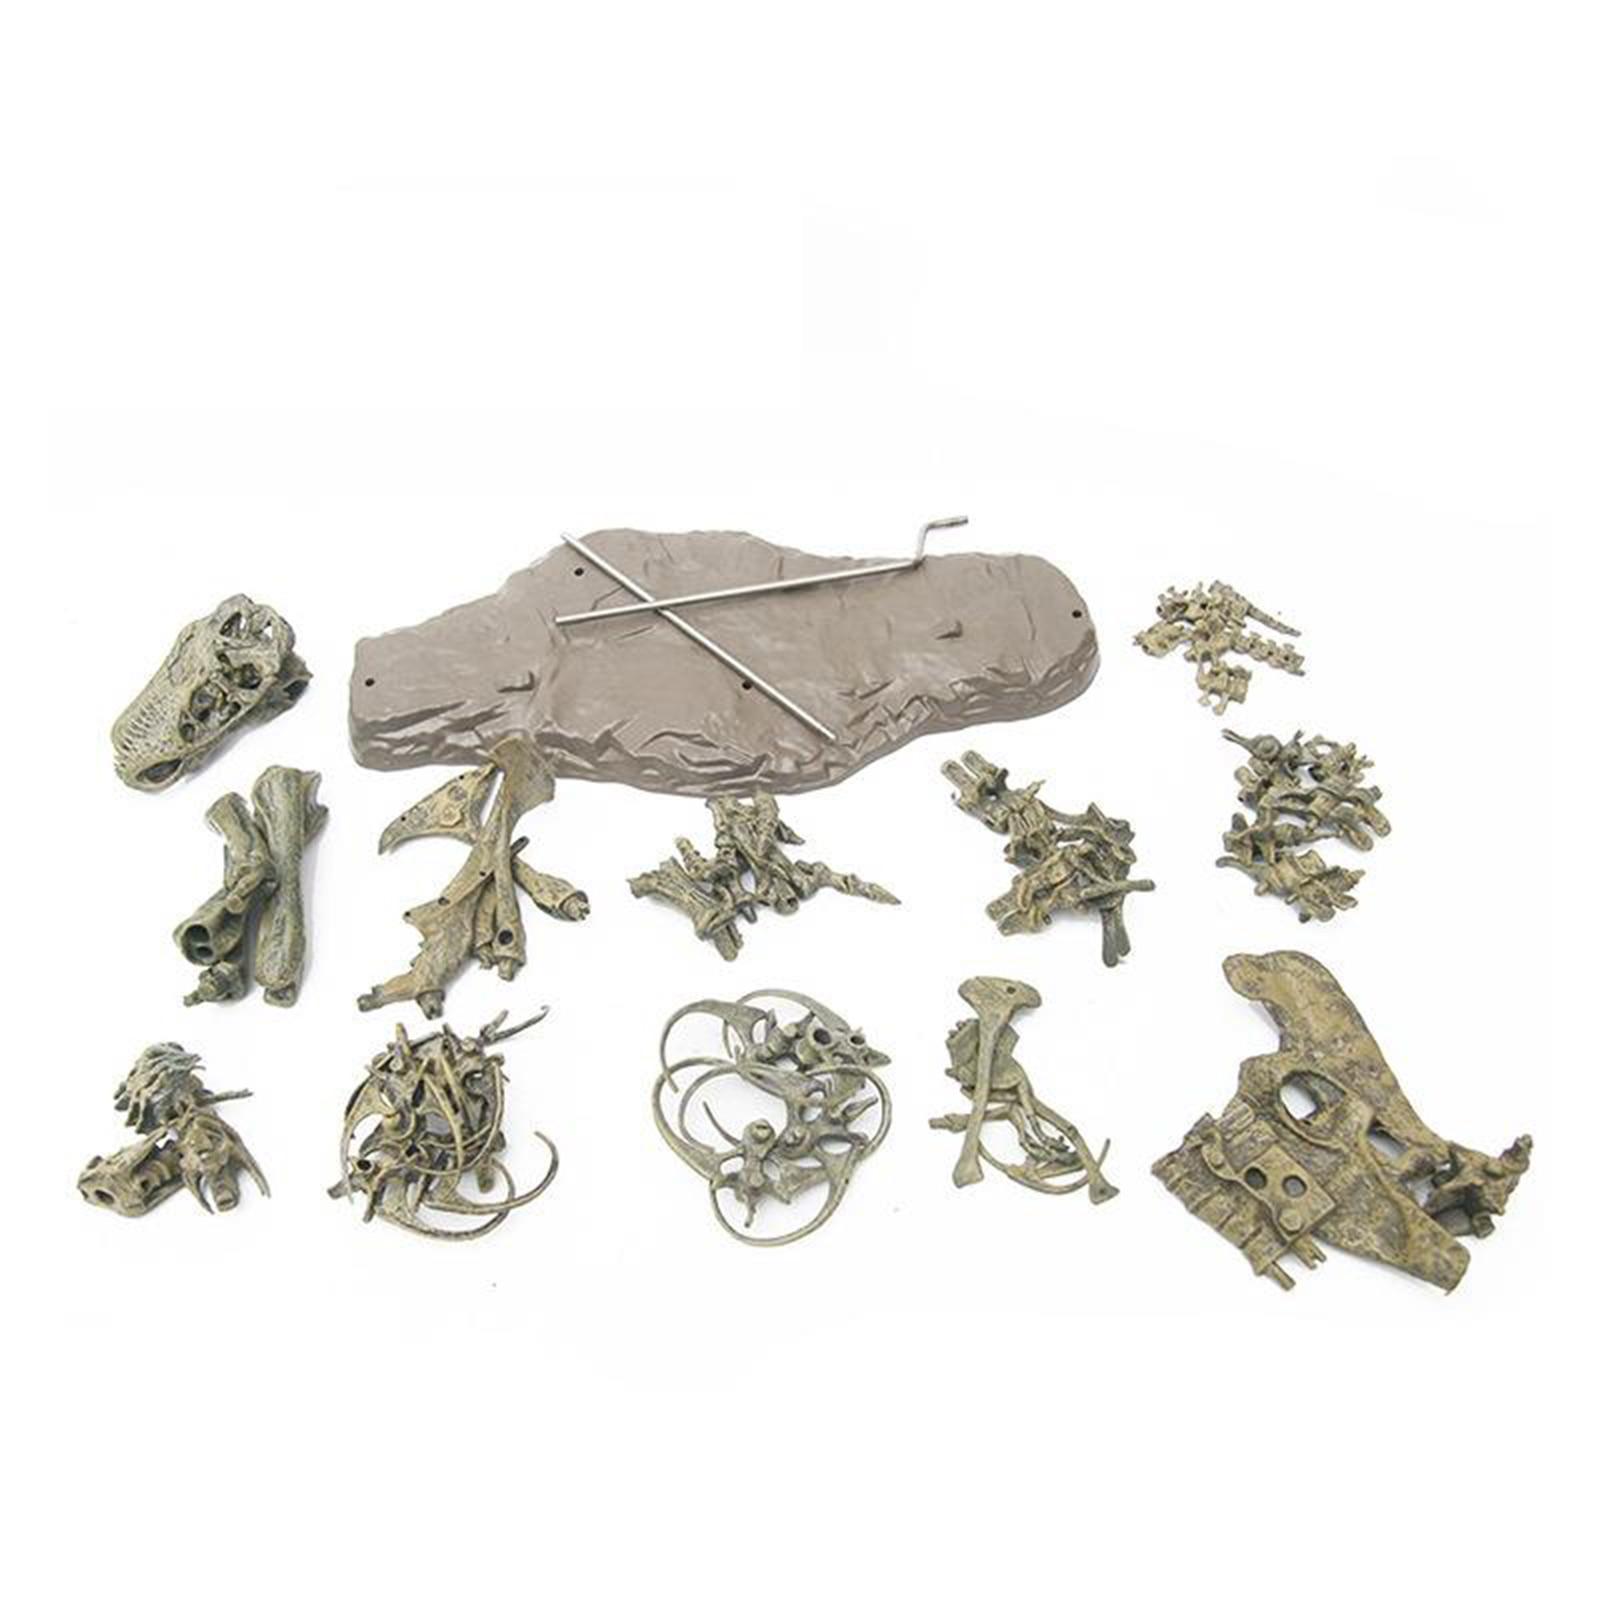 4d dinossauro modelo de montagem brinquedo brinquedos